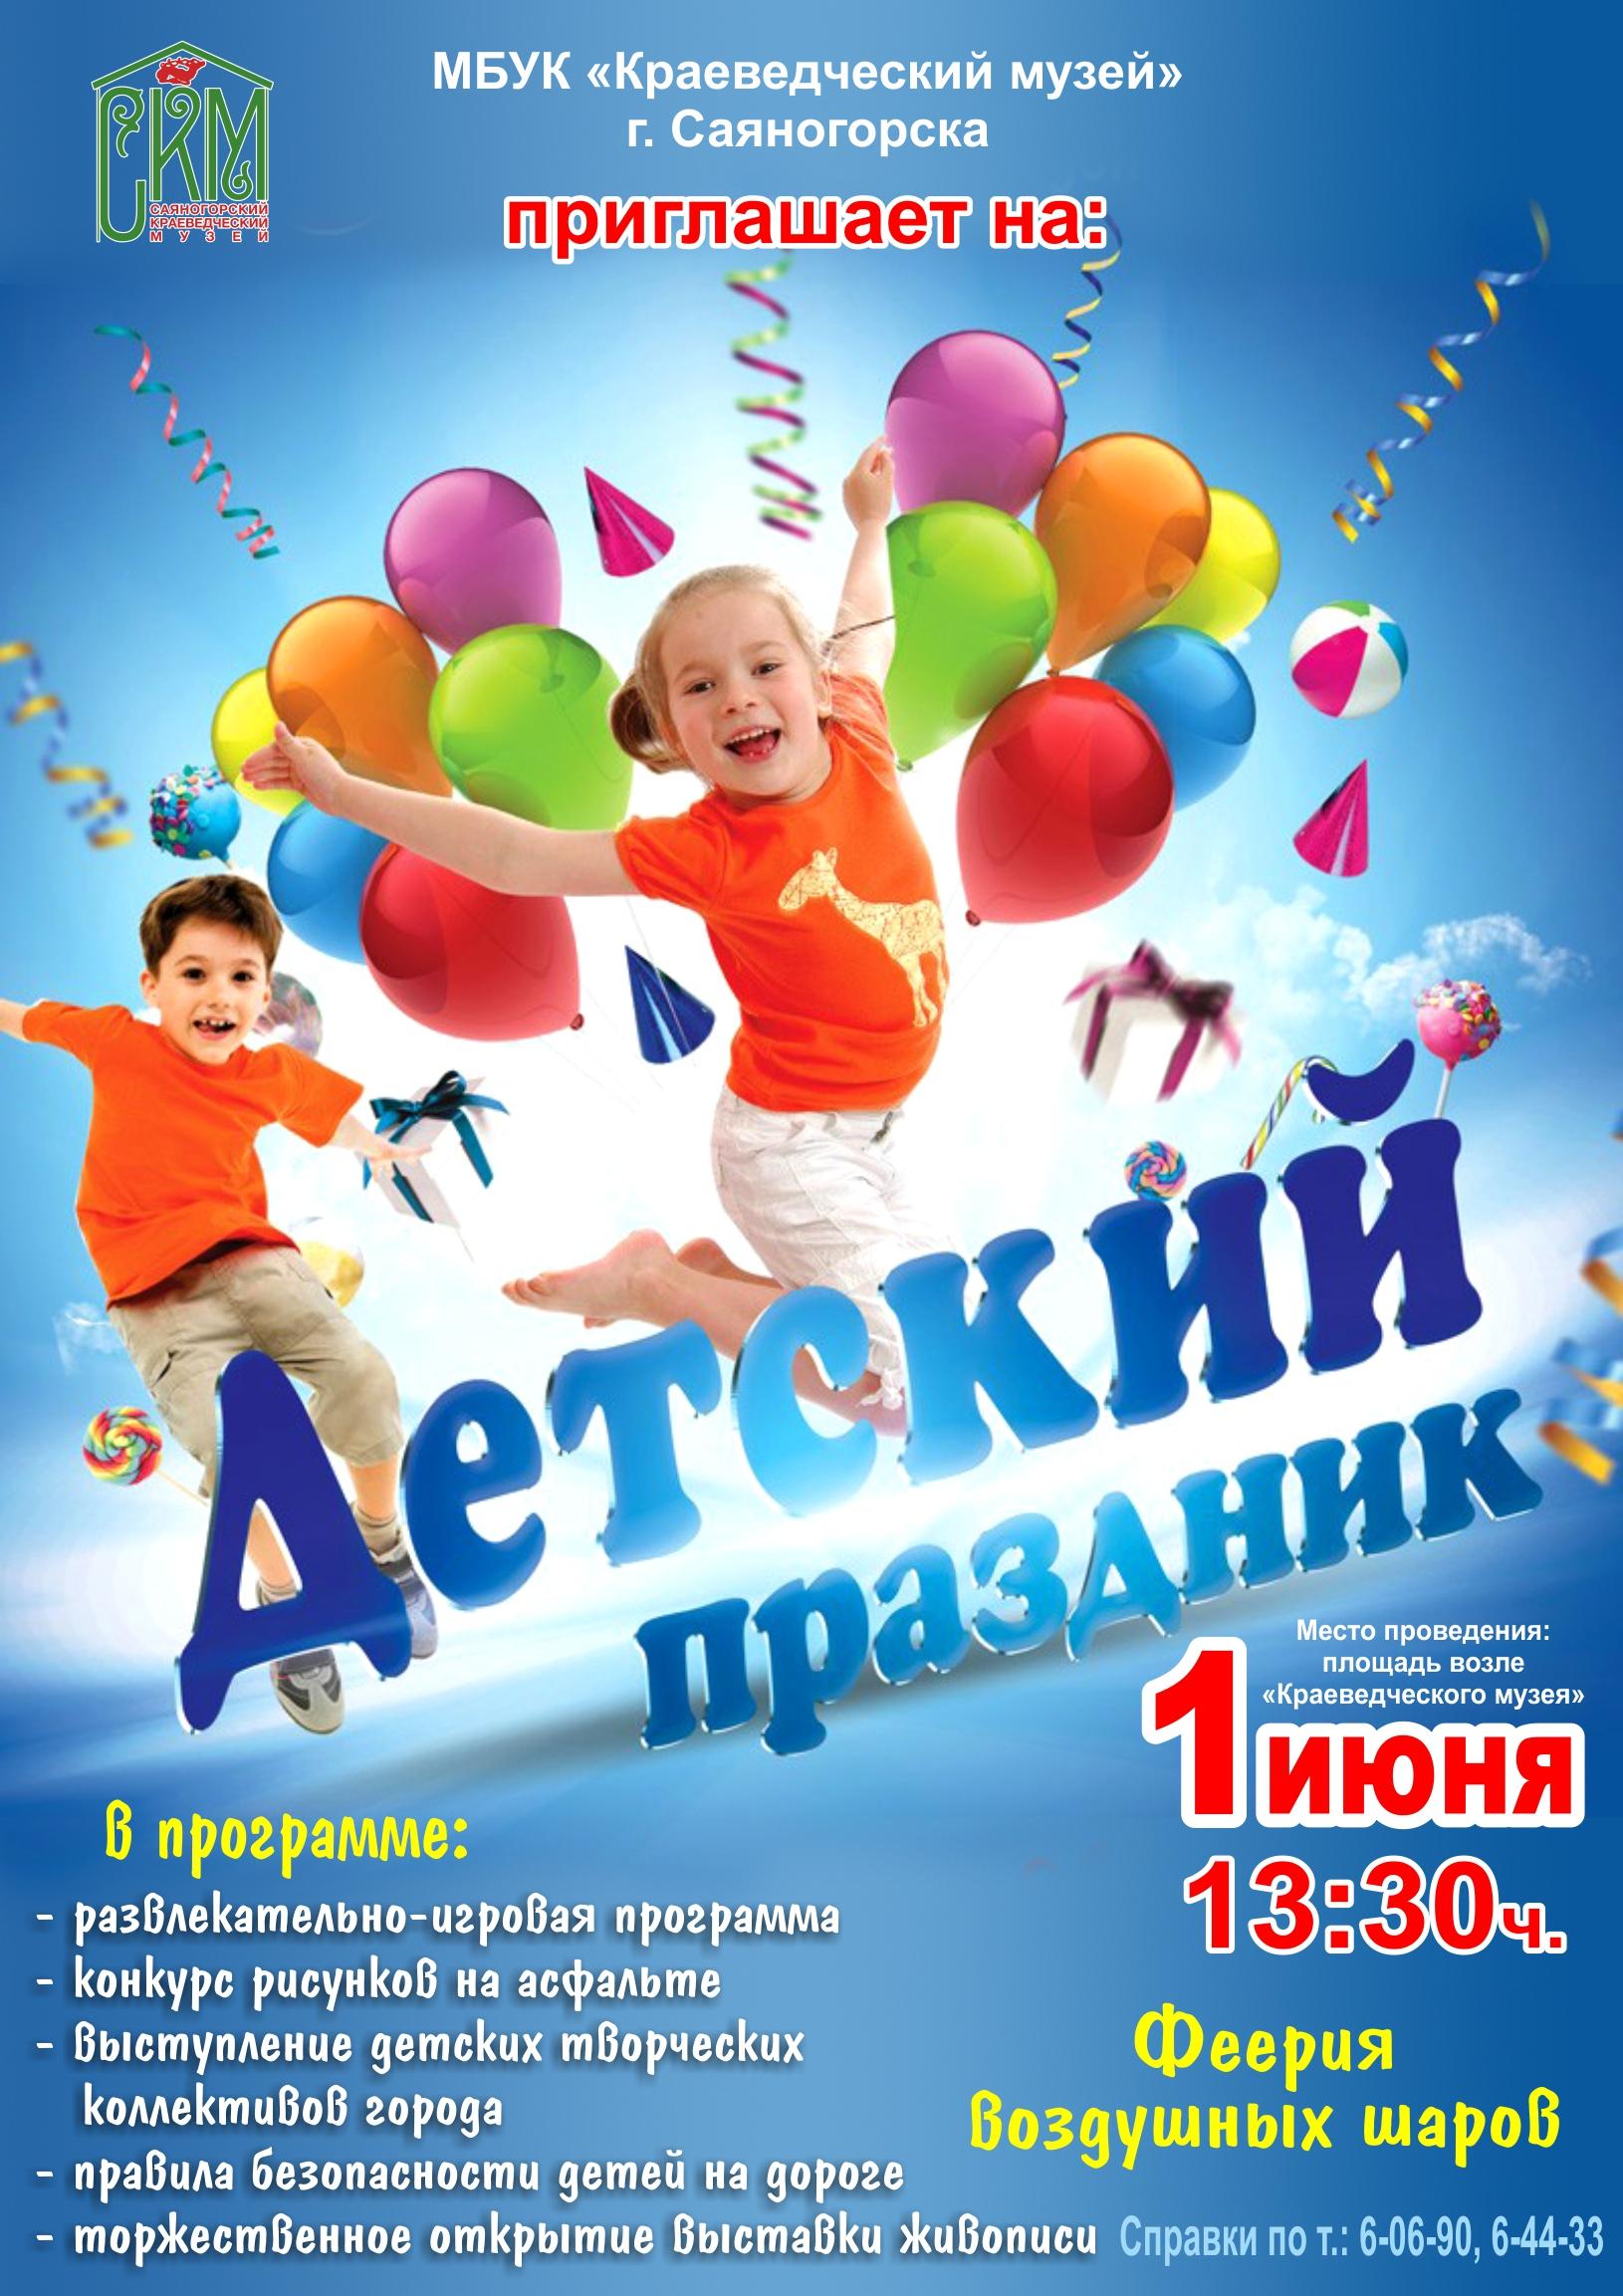 заказать анаматоров ребенку Теннисная улица (город Троицк)